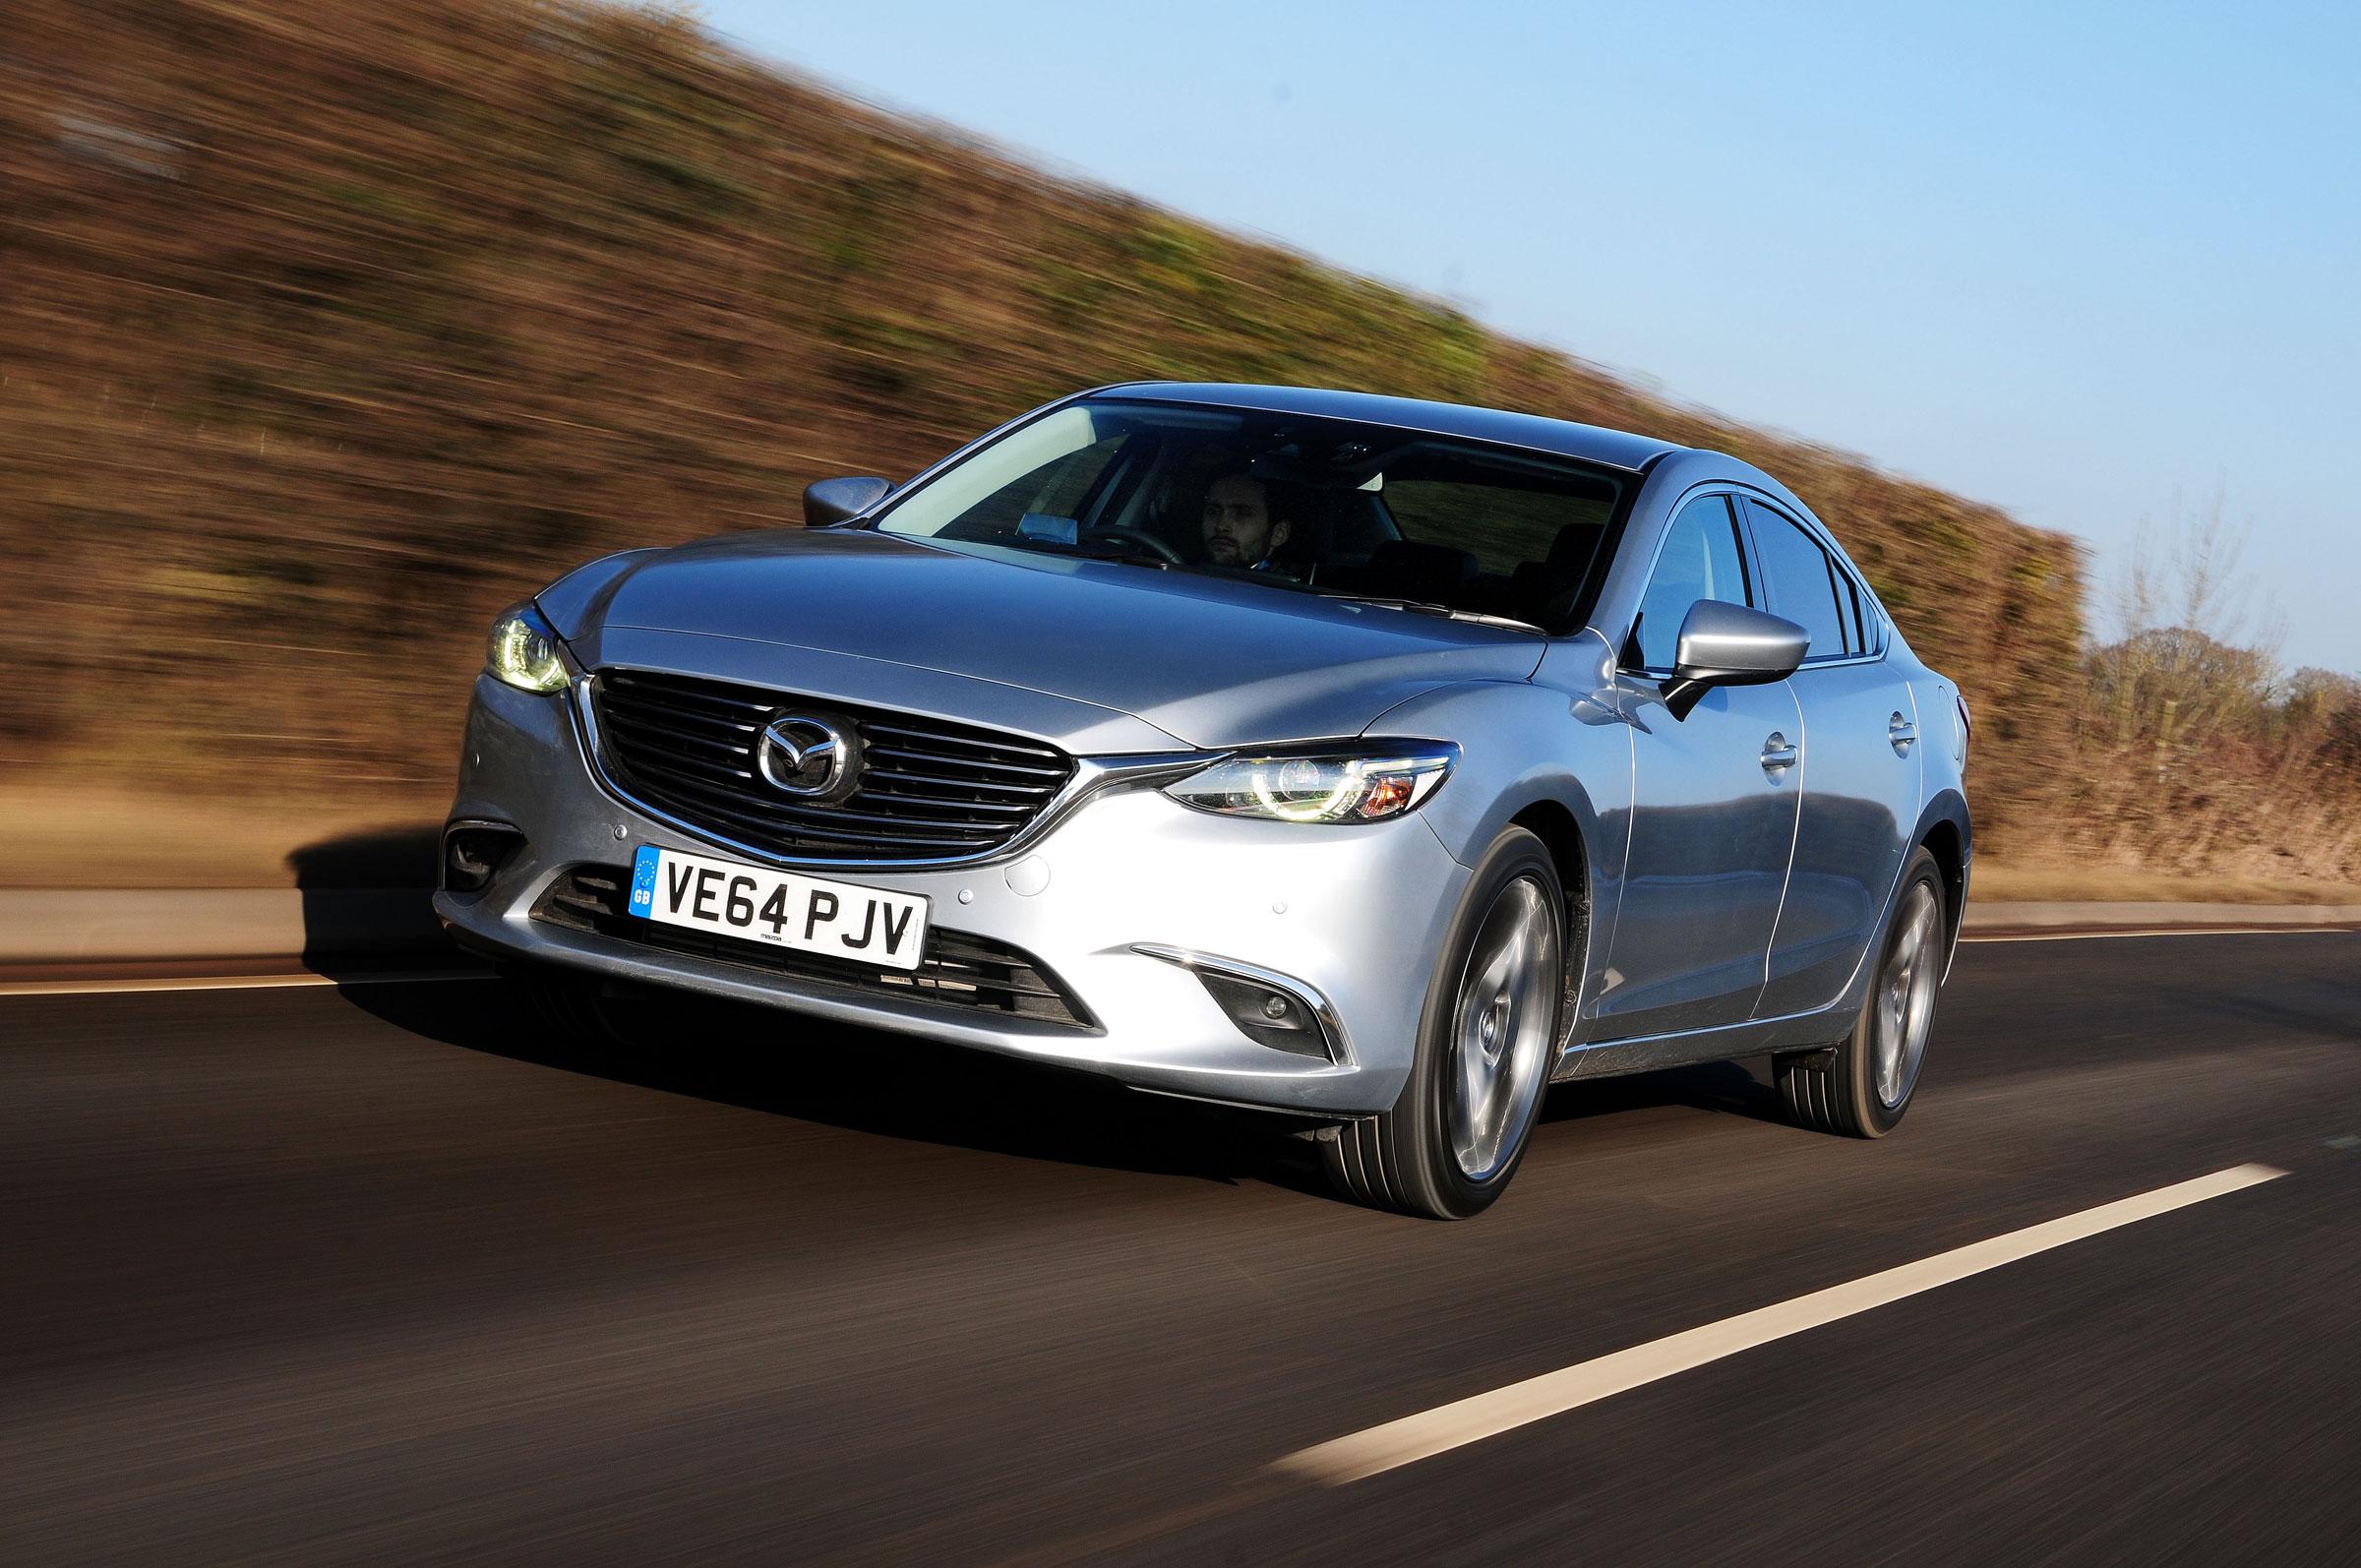 Kelebihan Kekurangan Mazda 6 2015 Top Model Tahun Ini